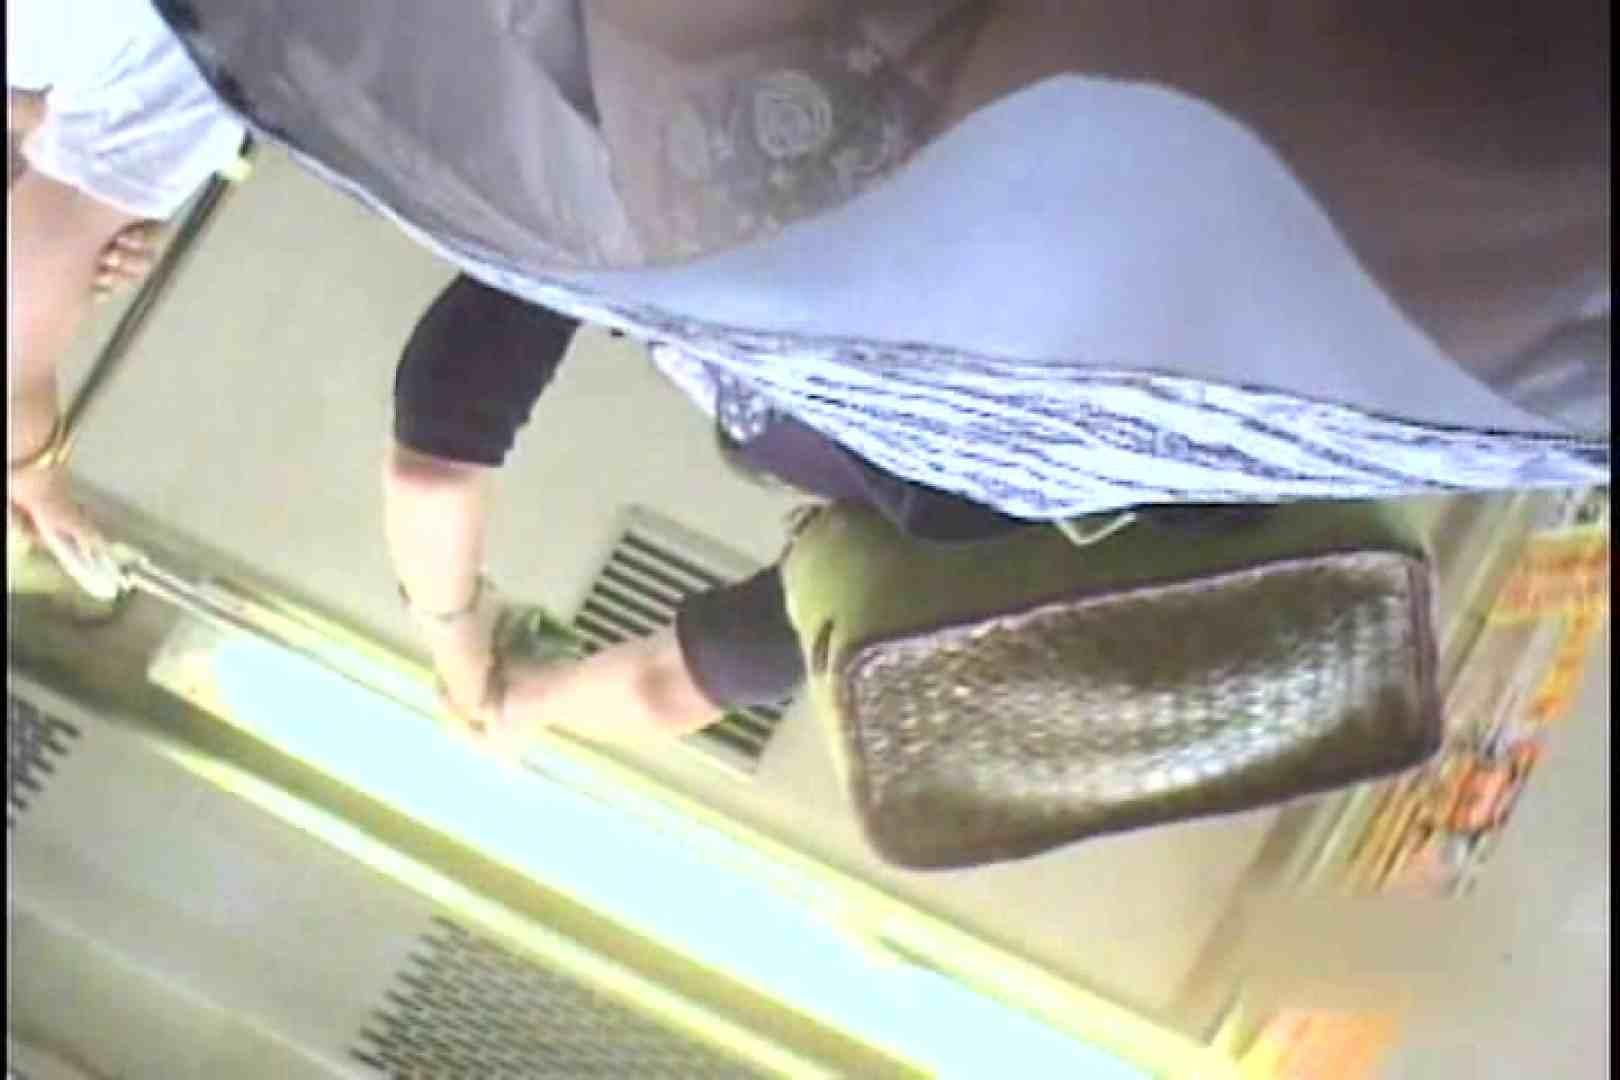 私鉄沿線美女限定パンティー丸覗き!!vol.03 美女ヌード おまんこ無修正動画無料 100画像 77